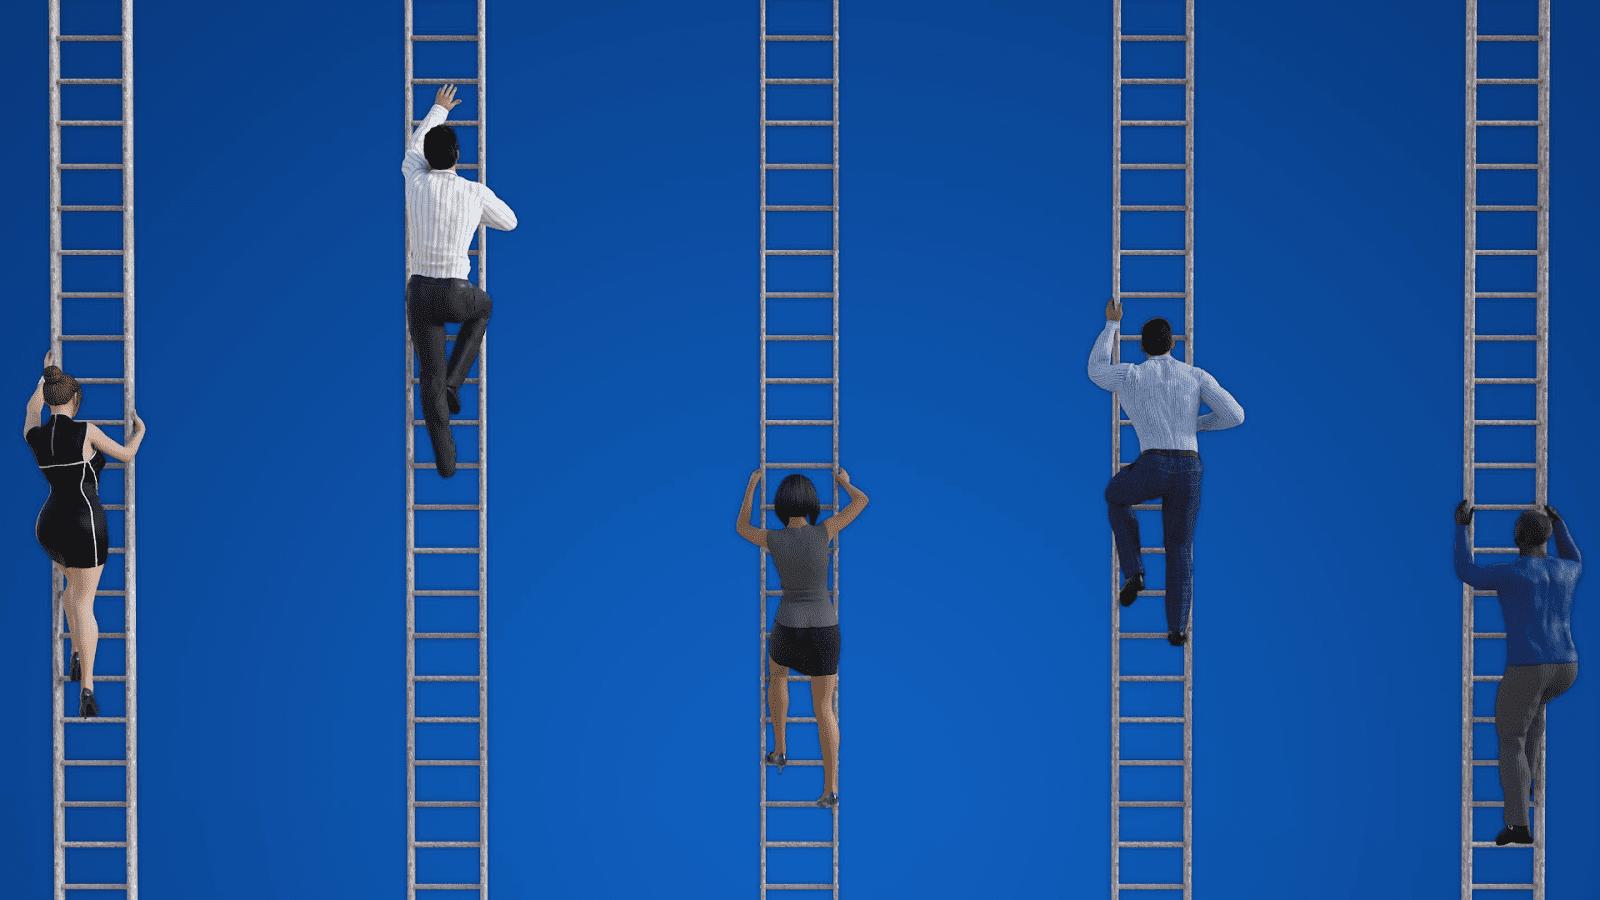 portfolio career ladder